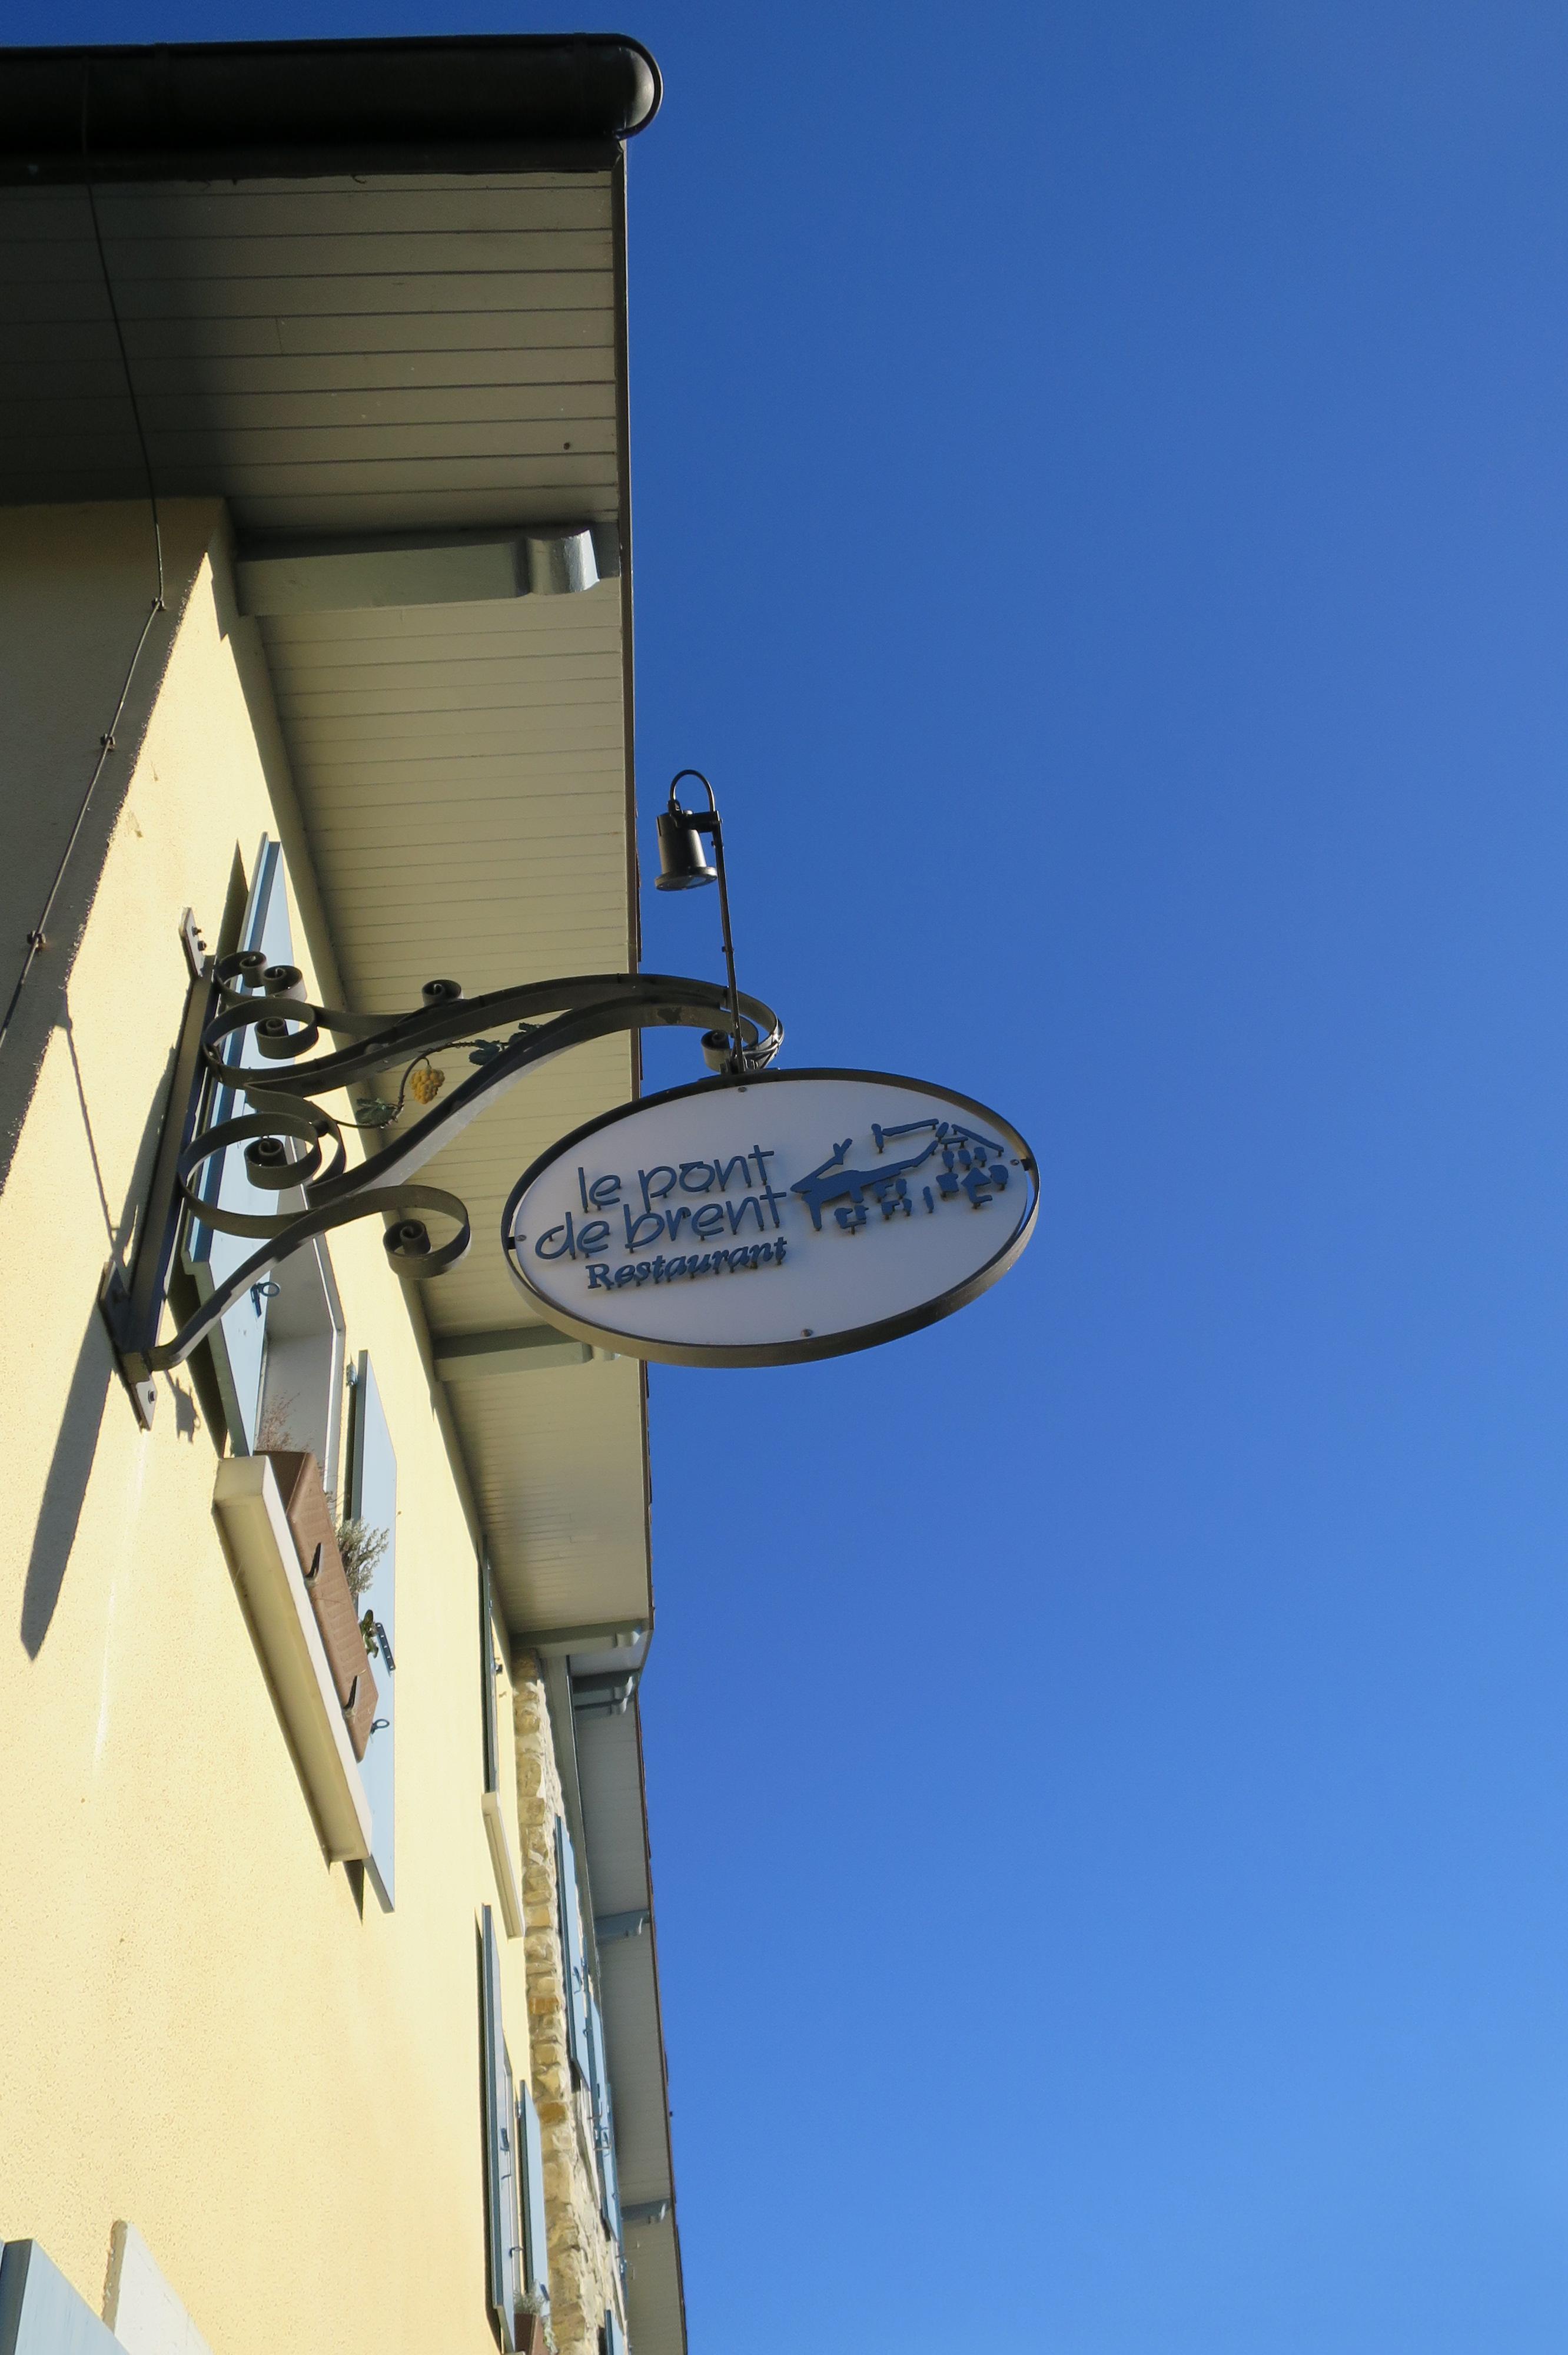 Restaurant Le Pont de Brent - delimoon.com